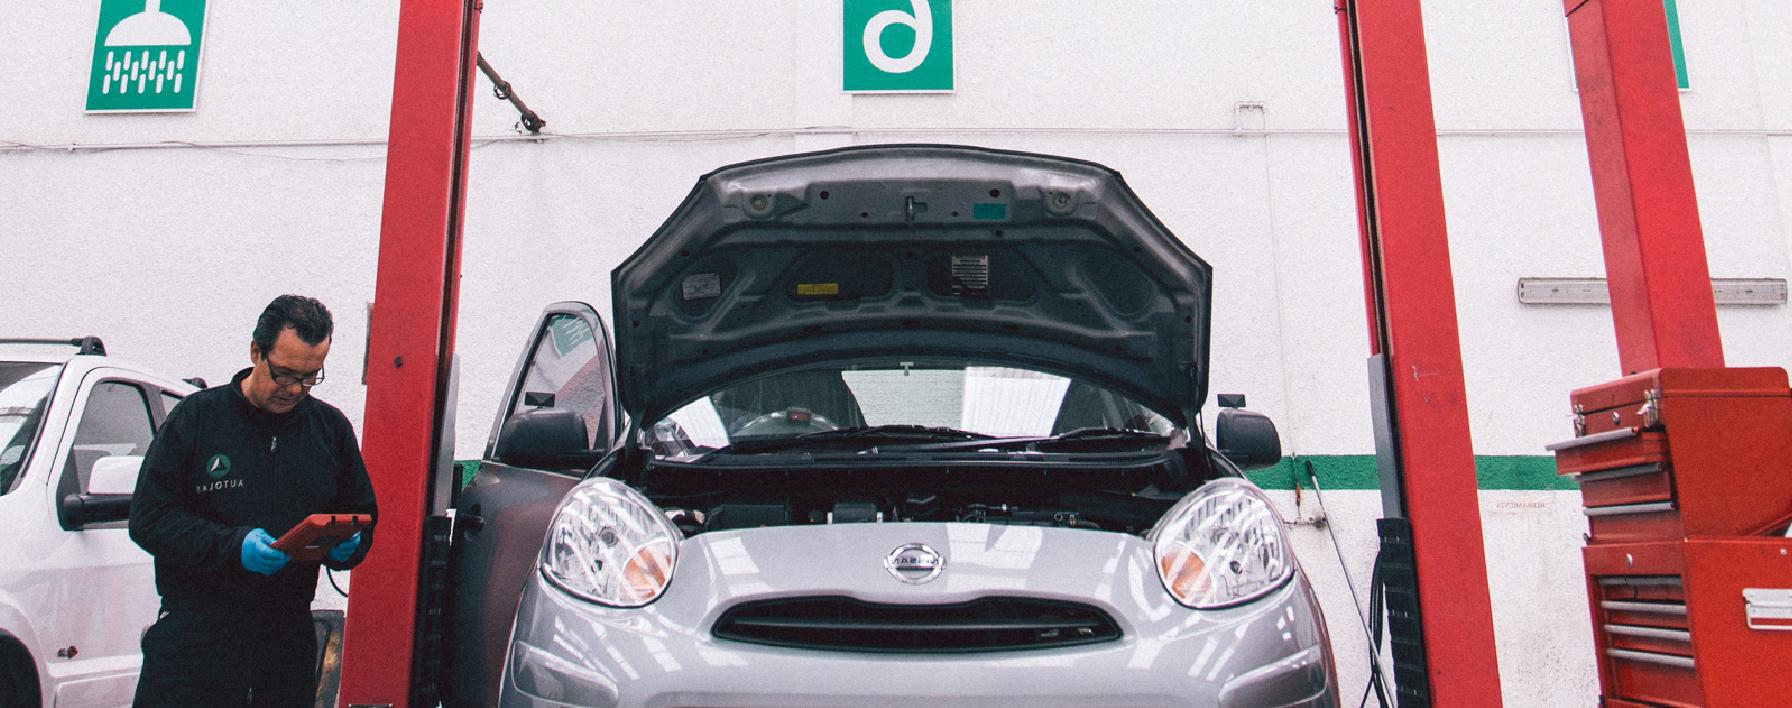 El sistema de electrizidad de un carro